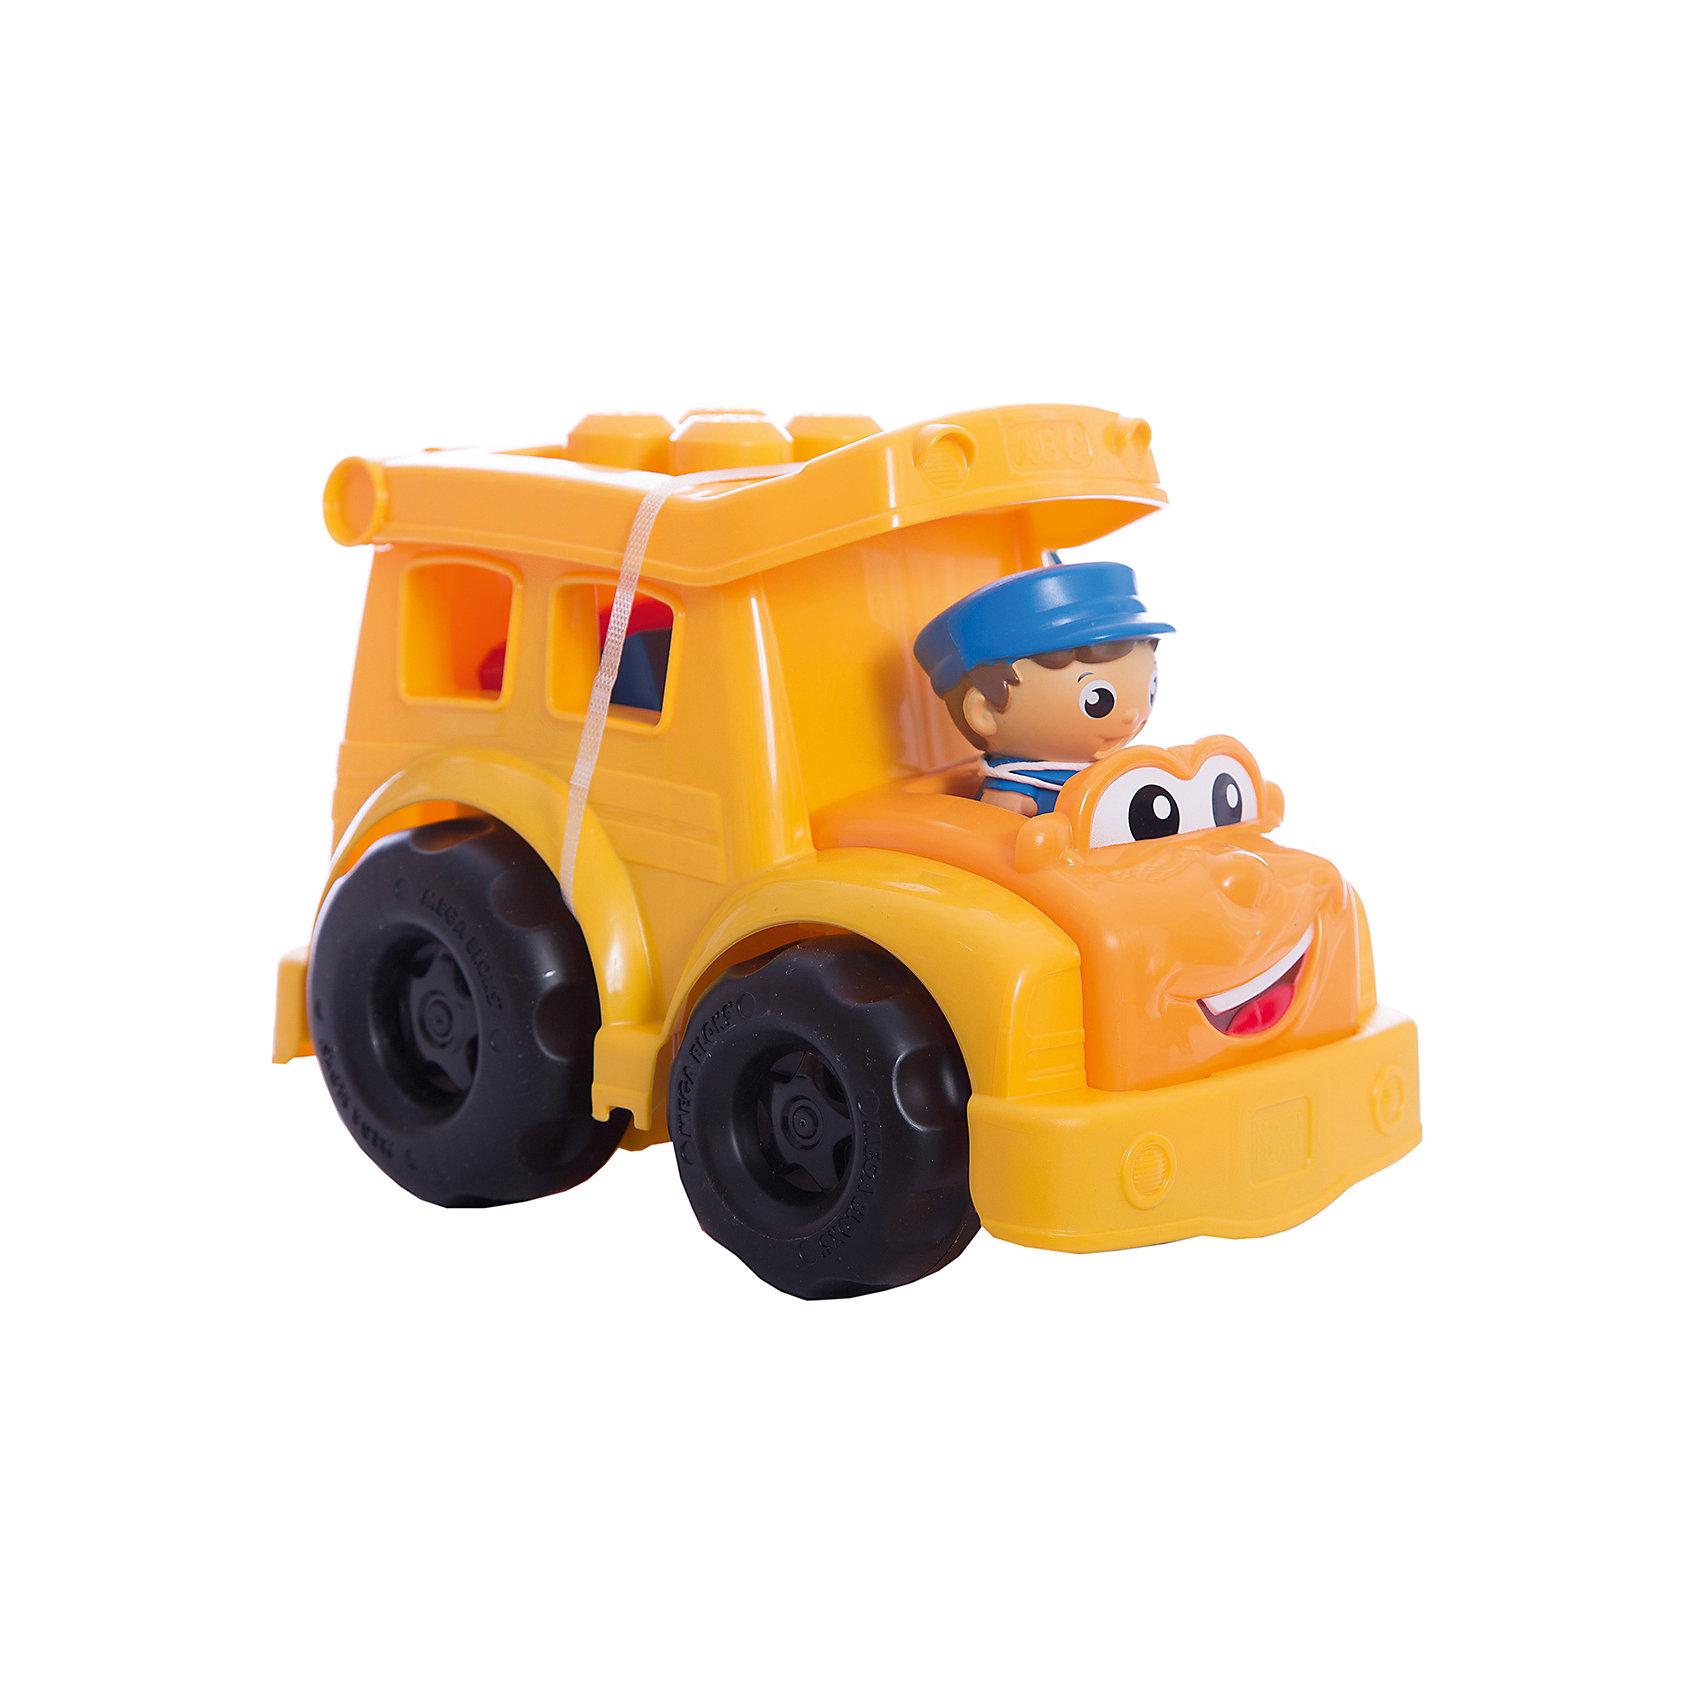 Школьный автобус Сонни MEGA BLOKS First BuildersШкольный автобус Сонни, Mega Bloks, First Builders, приятно порадует Вашего ребенка. Симпатичный автобус выполнен в ярко-желтом цвете, у него милое личико с веселой улыбкой и большие глаза. Каждое утро Сонни собирает маленьких пассажиров, чтобы отвезти их на занятия в школу. Крыша автобуса легко открывается, позволяя помещать внутрь детали First Builders и фигурки. В комплект также входят 5 деталей, которые можно прикреплять на крышу автобуса, меняя его облик, и фигурка водителя. Автобус и детали имеют крупный размер и форму, удобную для детских ручек. Набор совместим с другими наборами серии First Builders.<br><br>Дополнительная информация:<br><br>- В комплекте: автобус, 5 деталей, фигурка водителя.   <br>- Материал: пластик.<br>- Размер игрушки: 23 х 15,5 х 16 см.<br>- Размер упаковки: 25 x 17 x 17 см. <br>- Вес: 0,465 кг.<br><br>Школьный автобус Сонни, MEGA BLOKS First Builders, можно купить в нашем интернет-магазине.<br><br>Ширина мм: 16<br>Глубина мм: 177<br>Высота мм: 243<br>Вес г: 480<br>Возраст от месяцев: 12<br>Возраст до месяцев: 36<br>Пол: Мужской<br>Возраст: Детский<br>SKU: 3289623